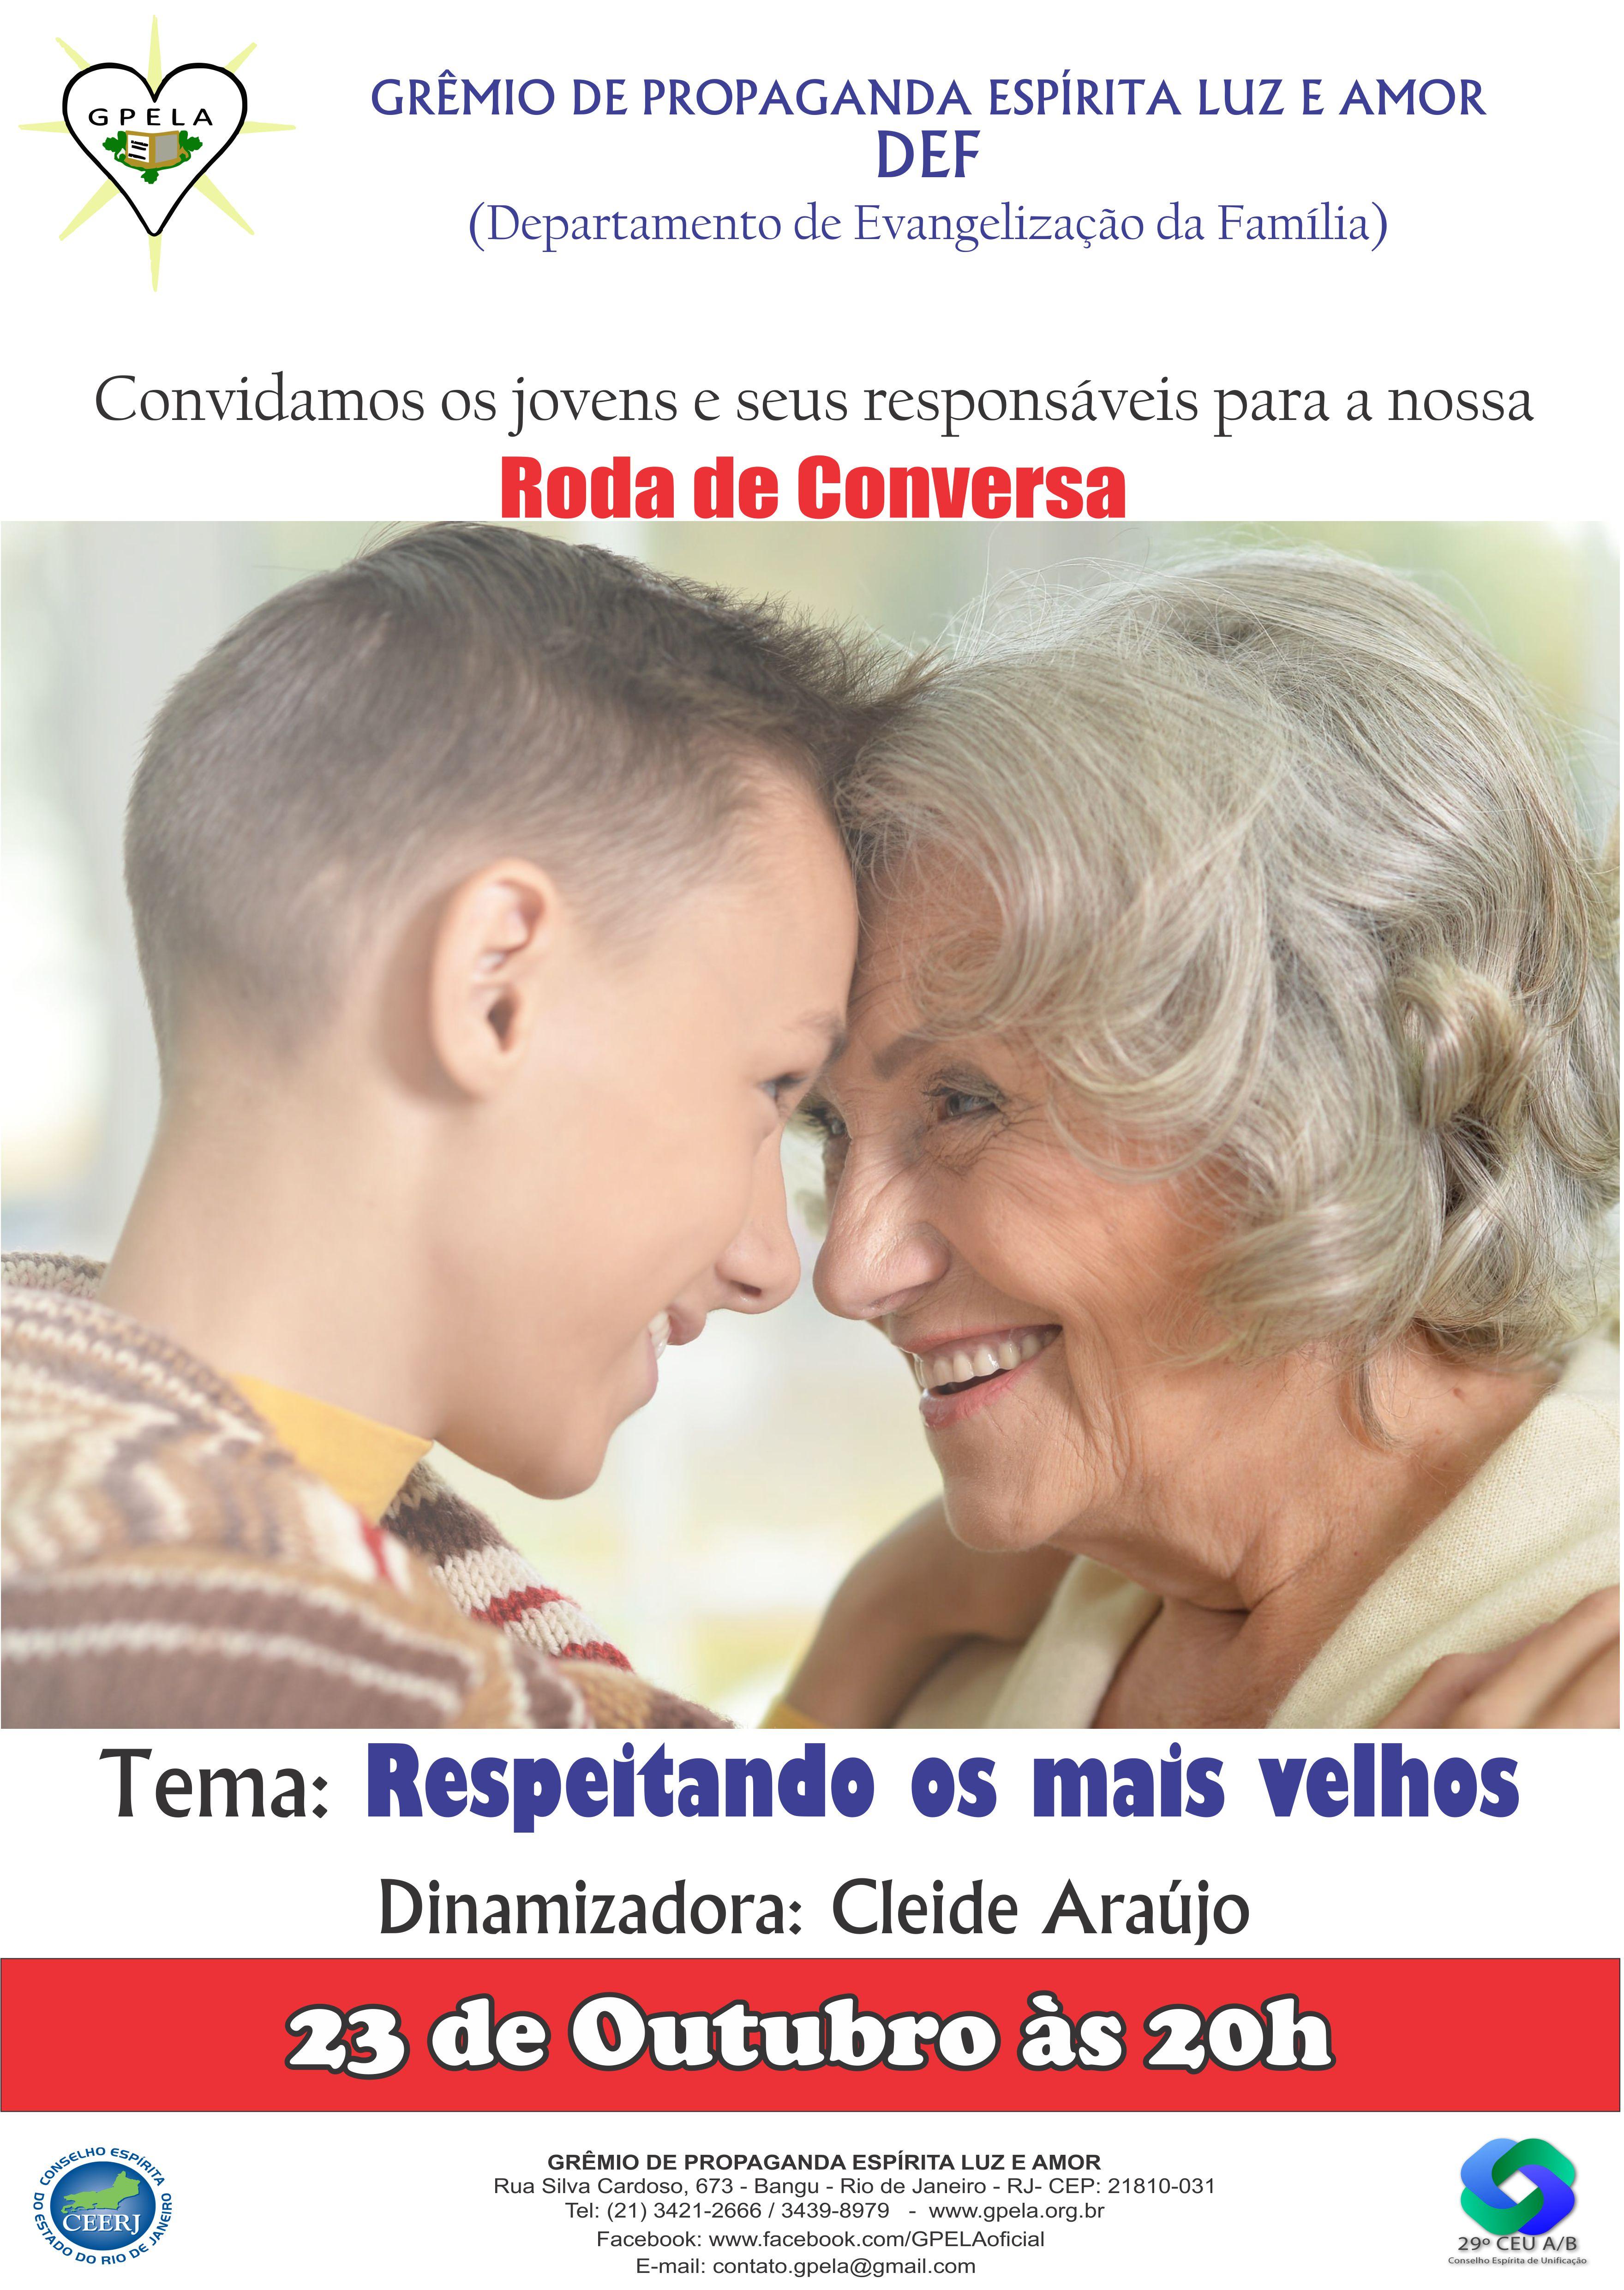 23/10 – Roda de Conversa – Tema: Respeitando os mais velhos.